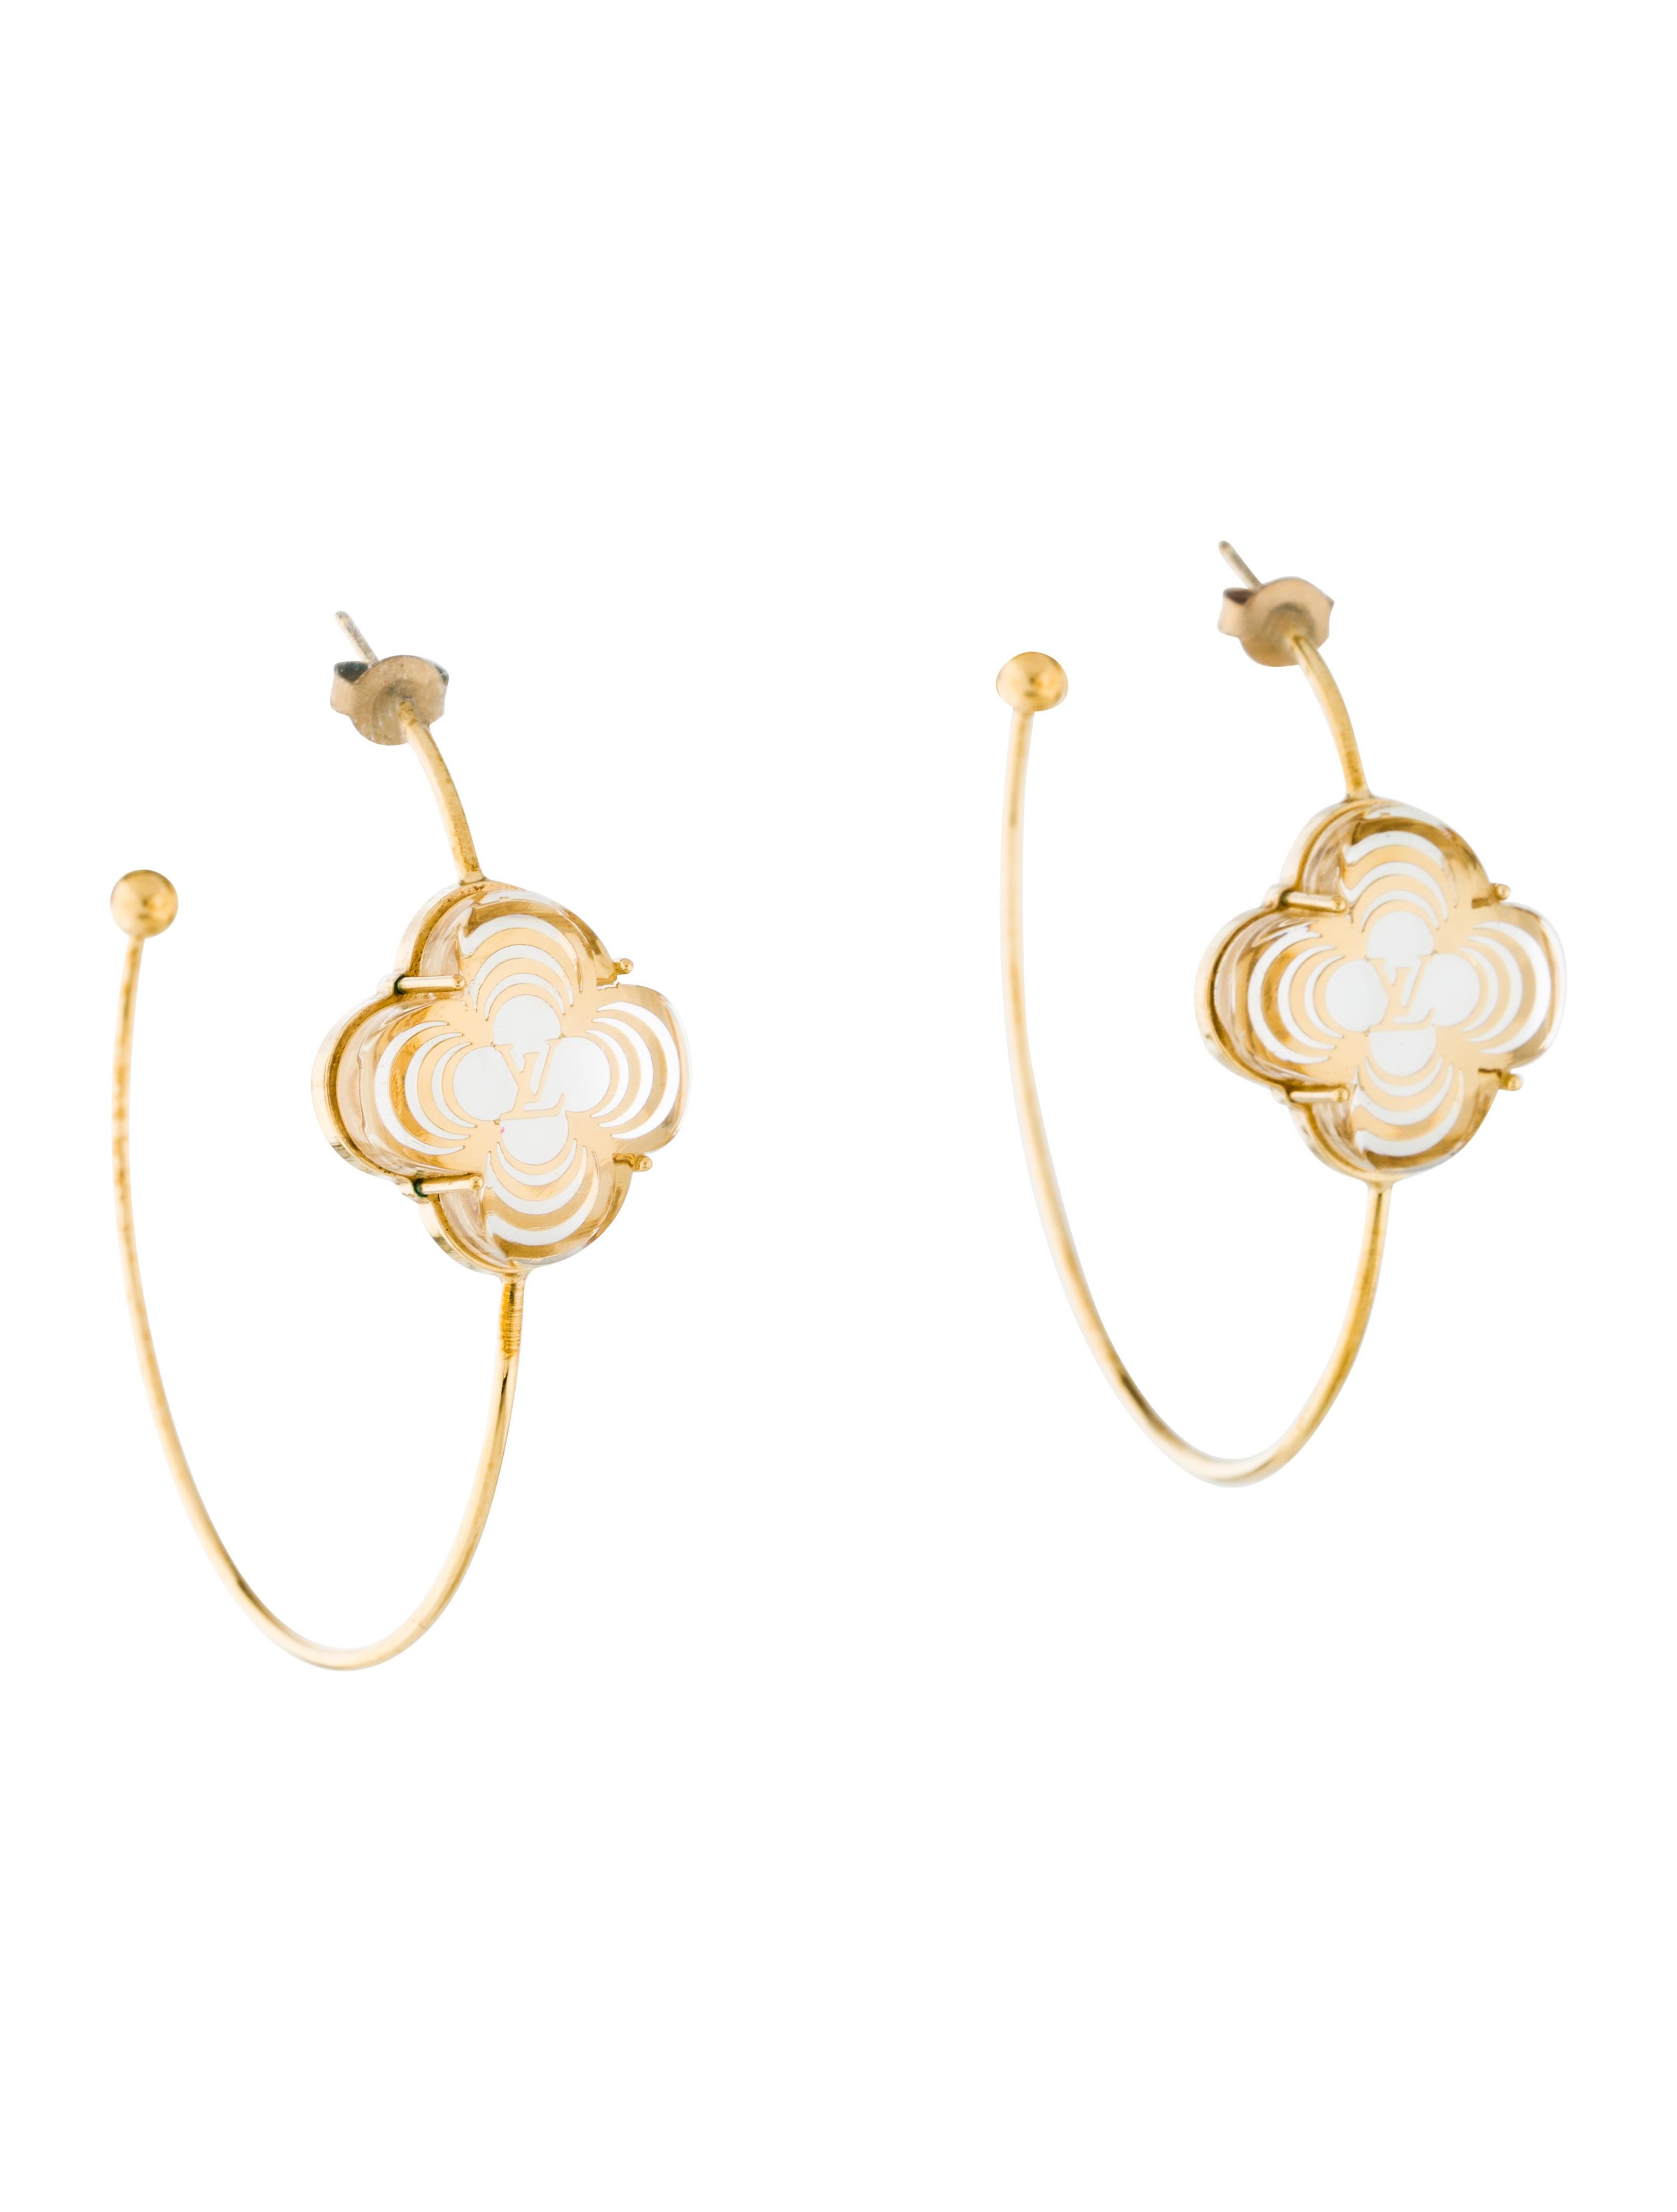 fe6df9ae3 Louis Vuitton A La Folie Hoop Earrings - Earrings - LOU129991   The ...